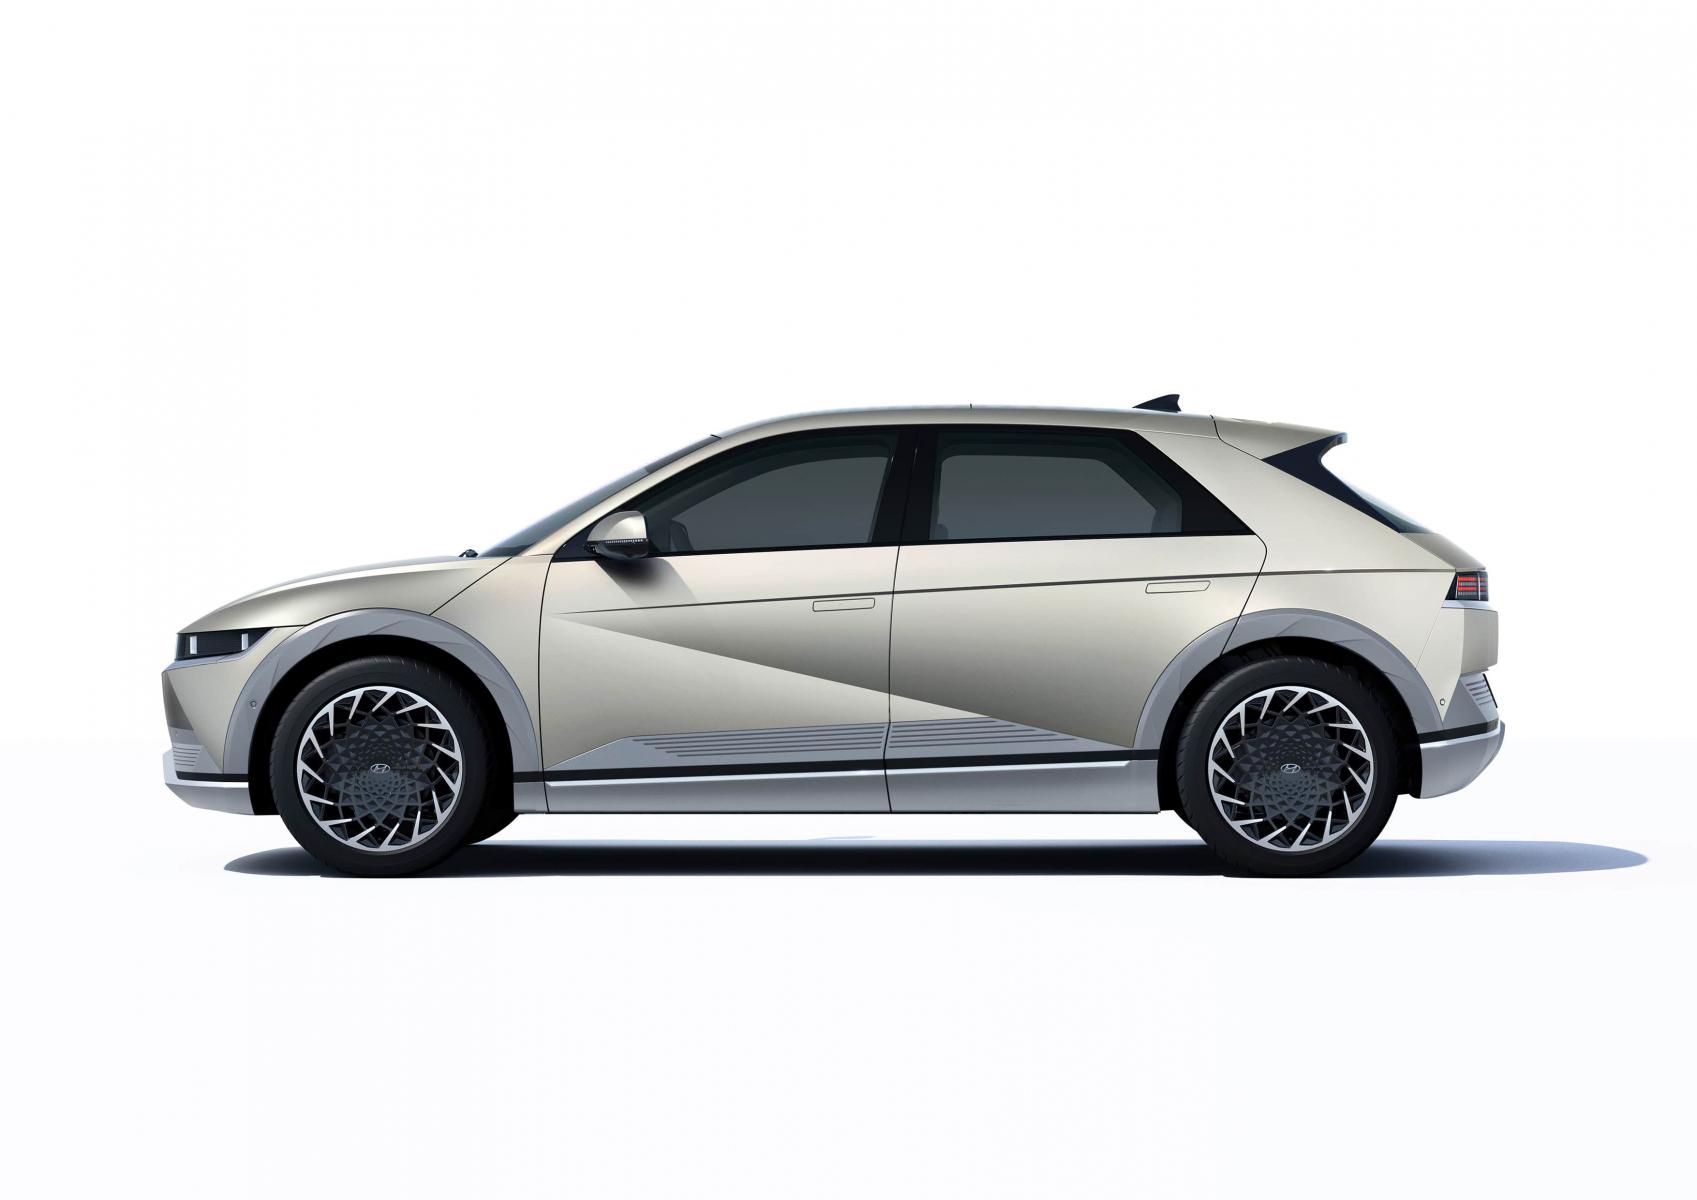 Hyundai IONIQ 5 переосмислює спосіб життя з електричною мобільністю | Богдан-Авто Кіровоград - фото 12